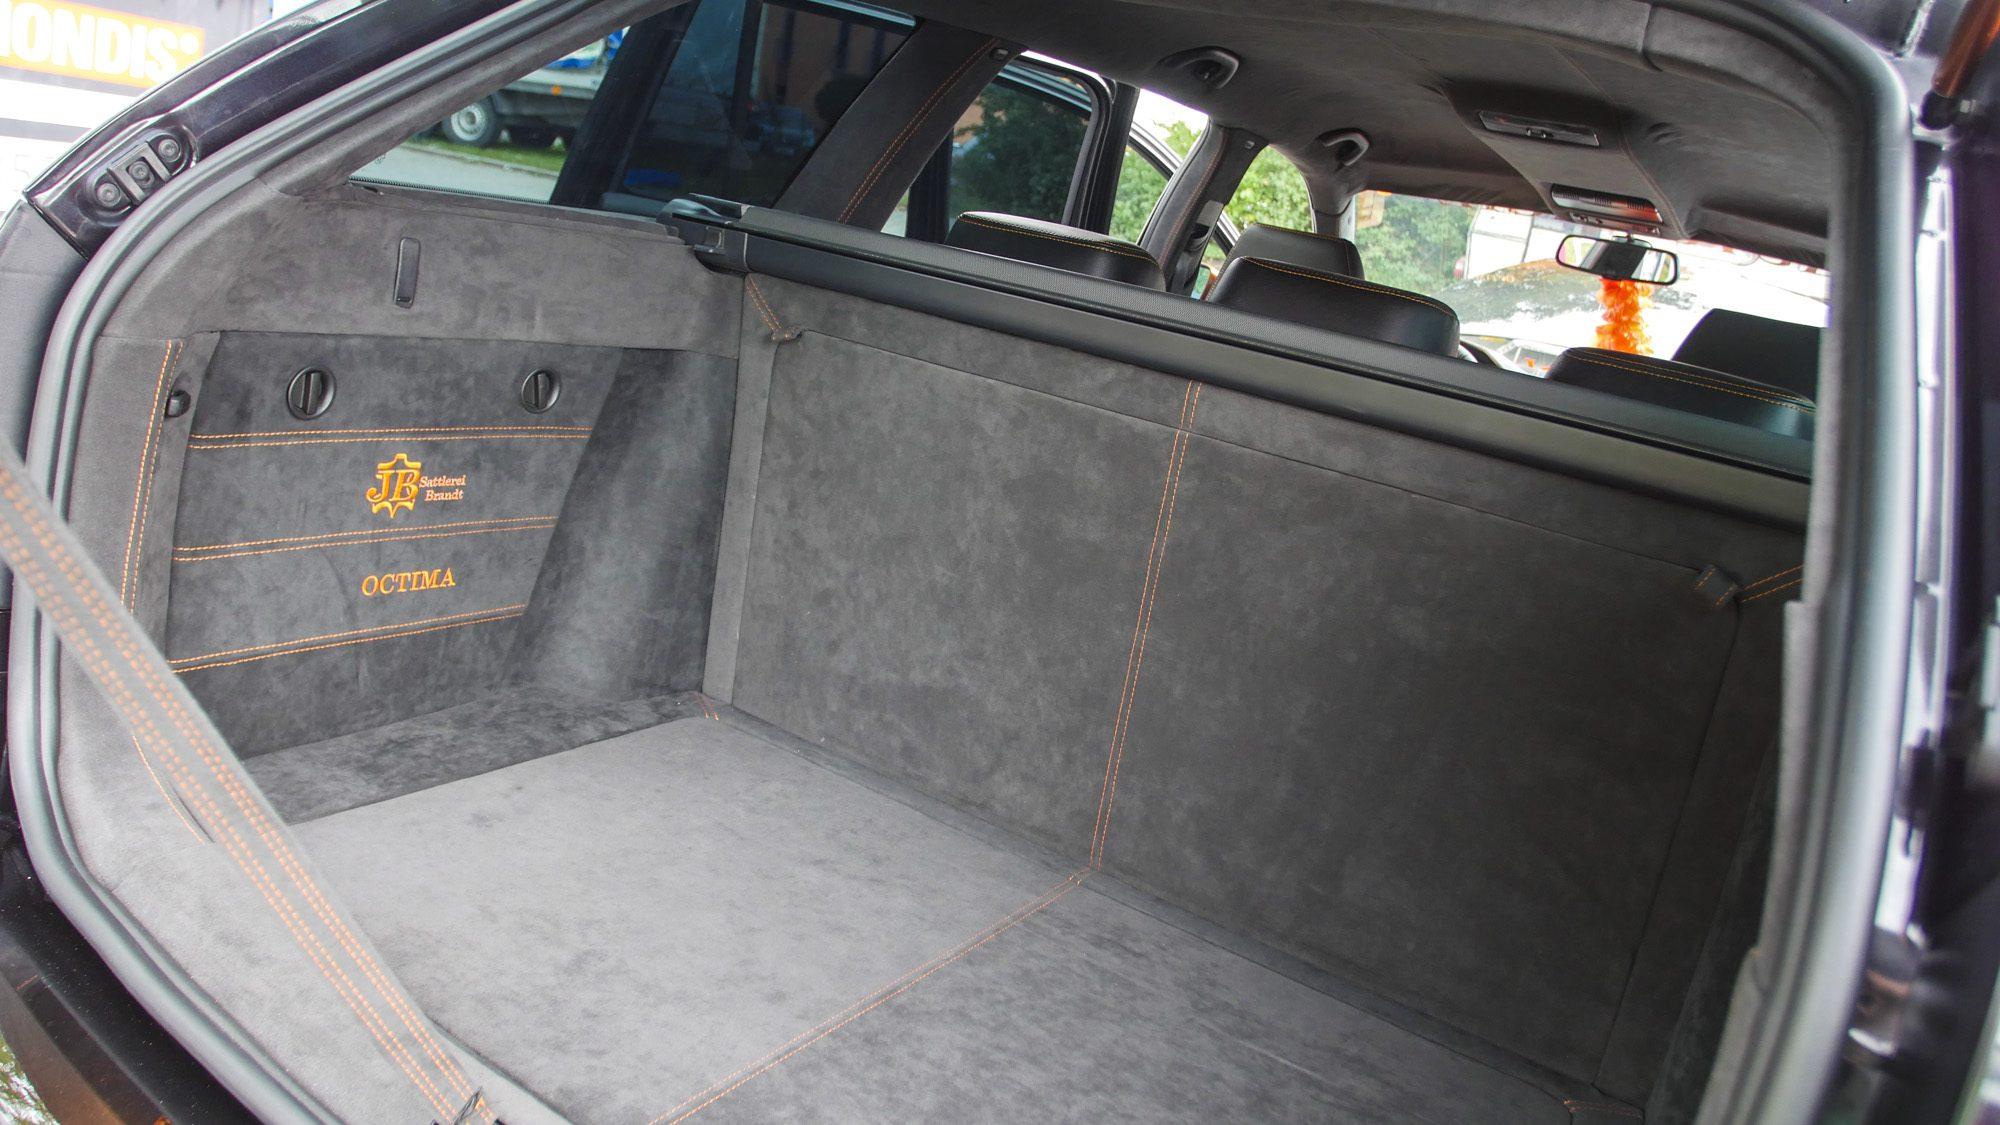 Ganz in Grau: Der Kofferraum des Skoda Octavia RS